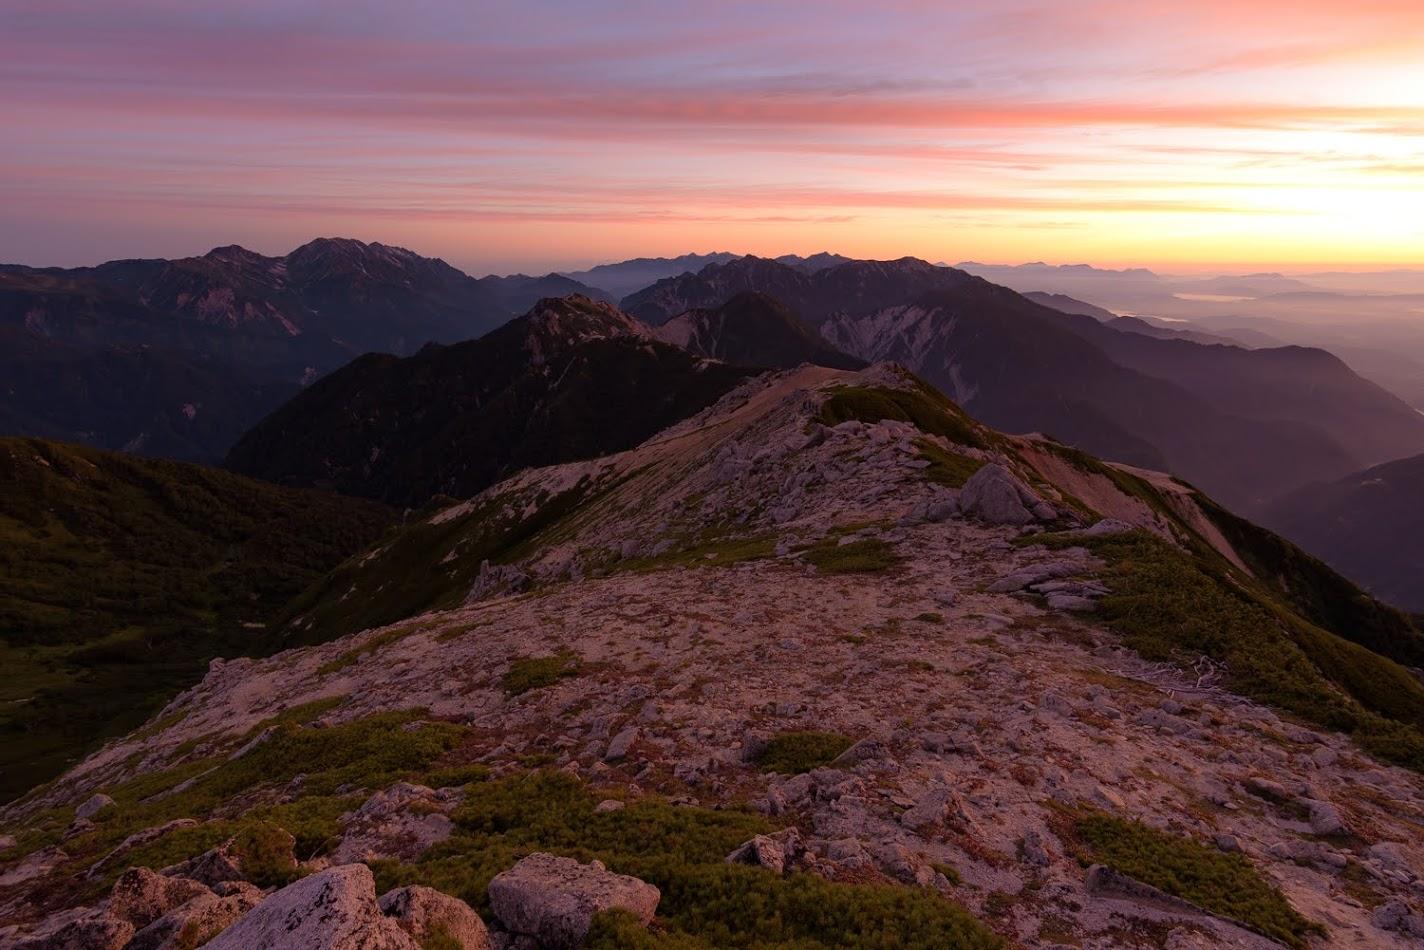 山岳写真の弊害?登山から足が遠のく『マジックアワー依存症』を治したい話…